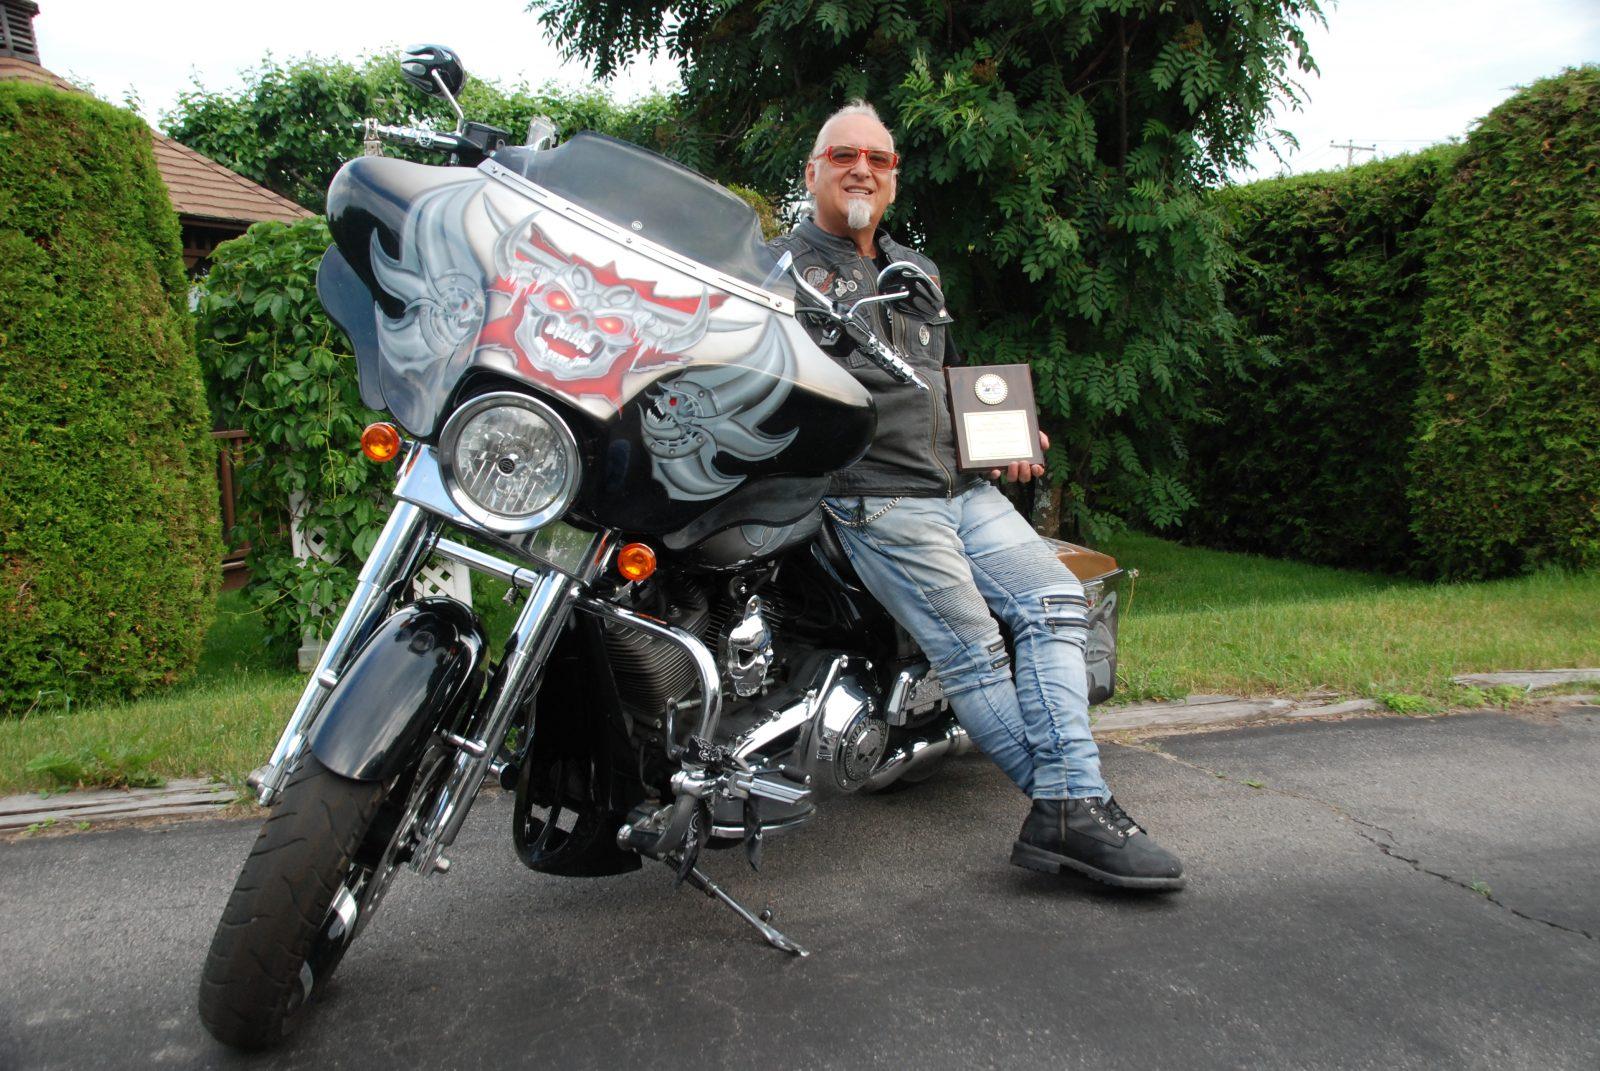 La moto de Raymond Bouchard brille chez l'Oncle Sam